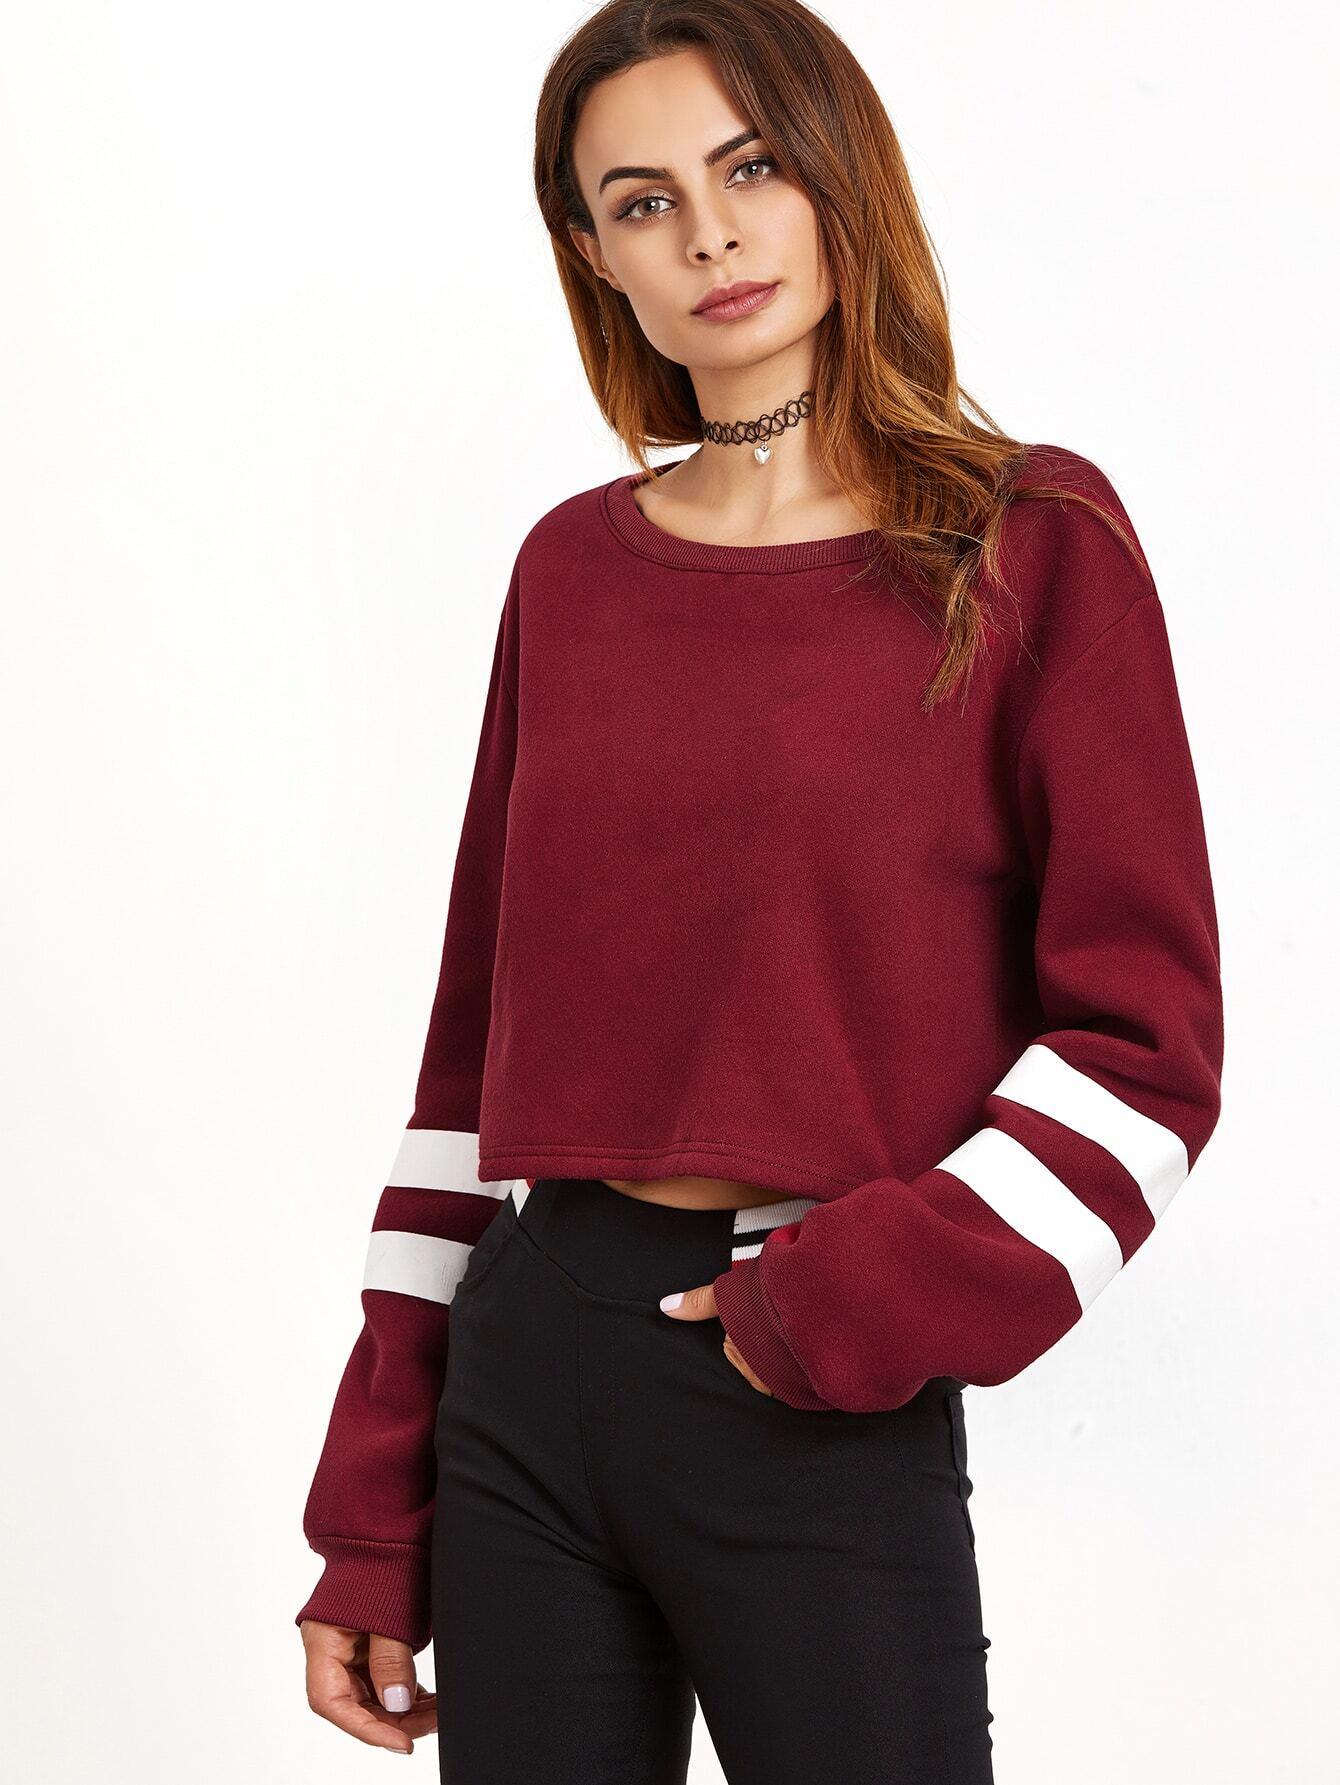 sweatshirt161024003_2